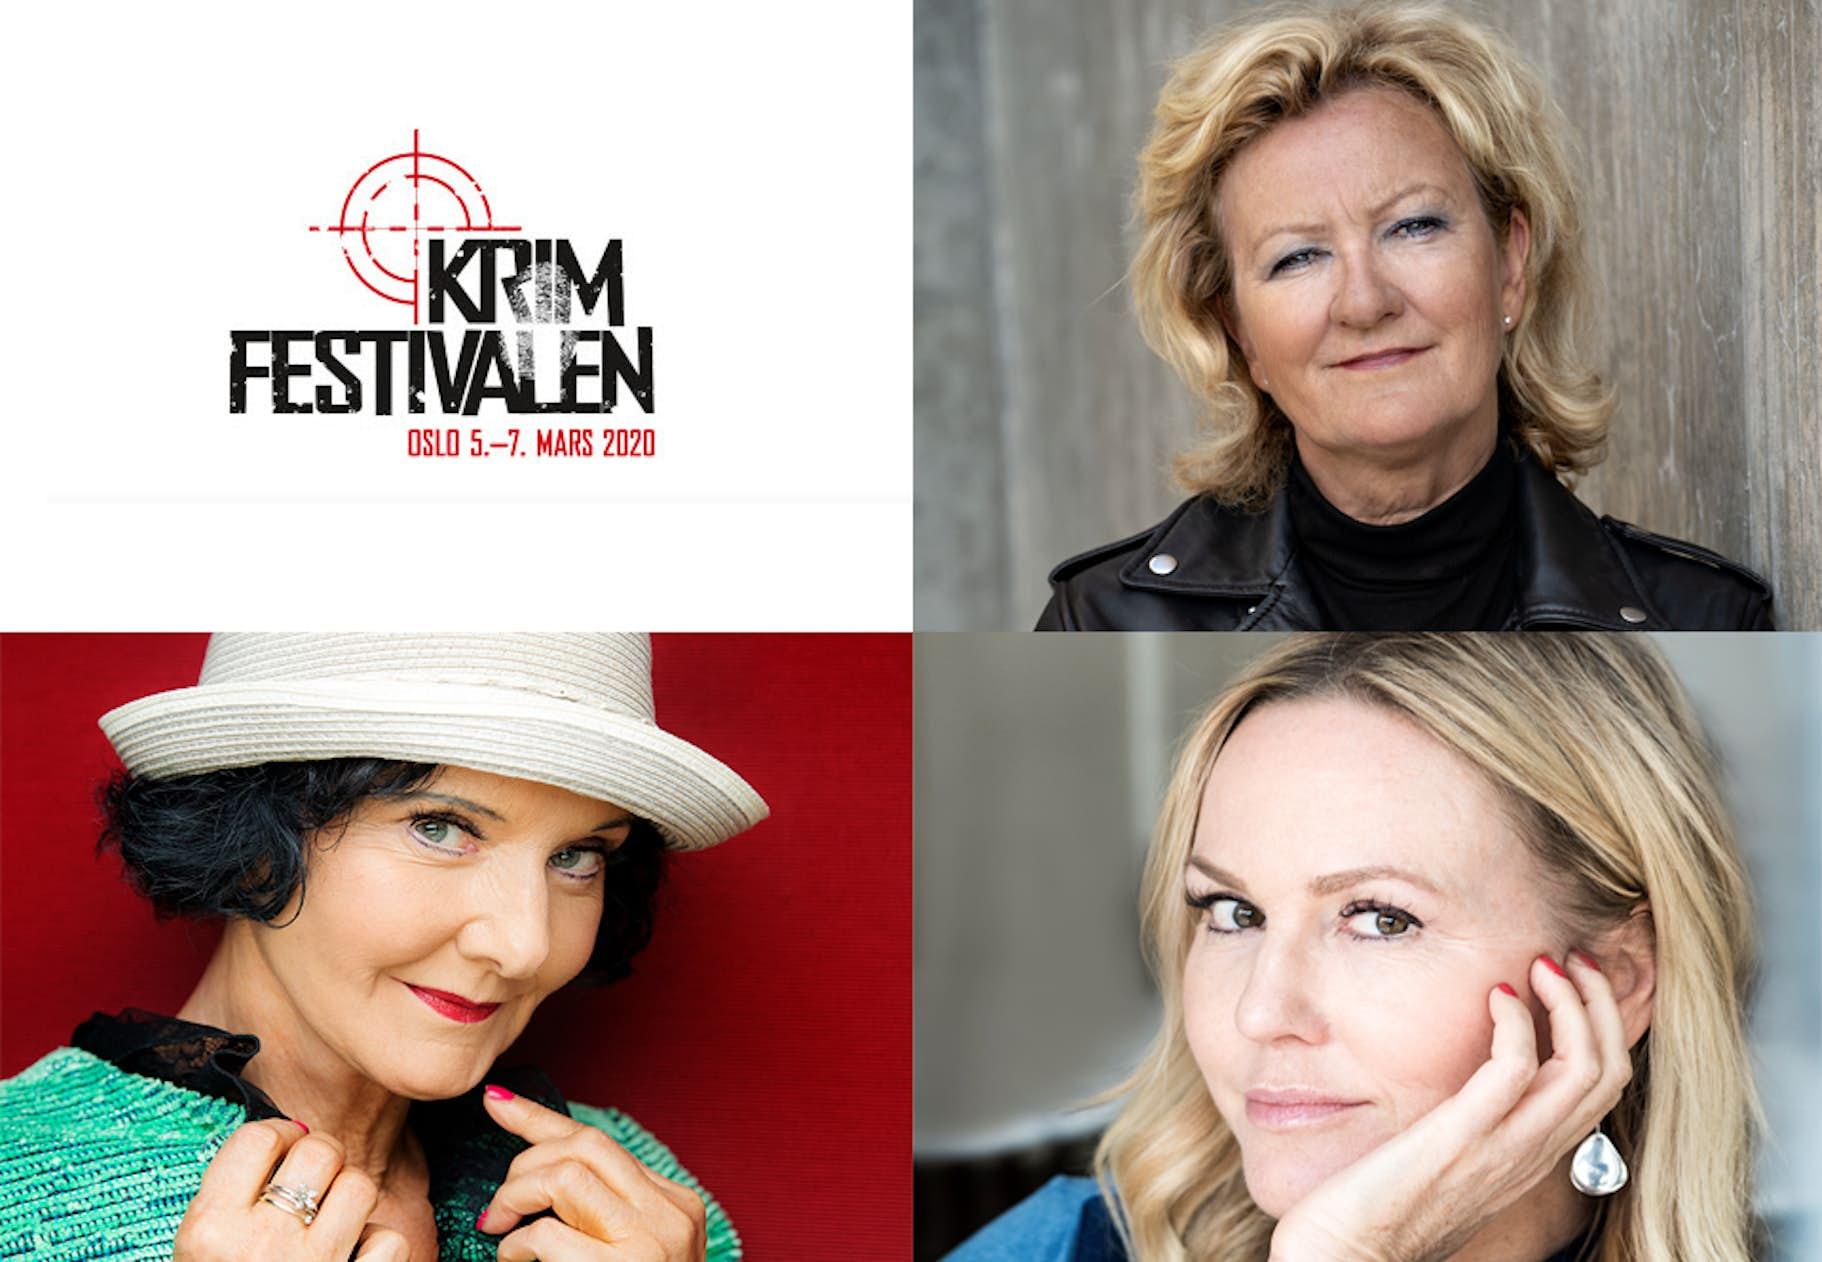 Krimfestivalen 2020 Tara No